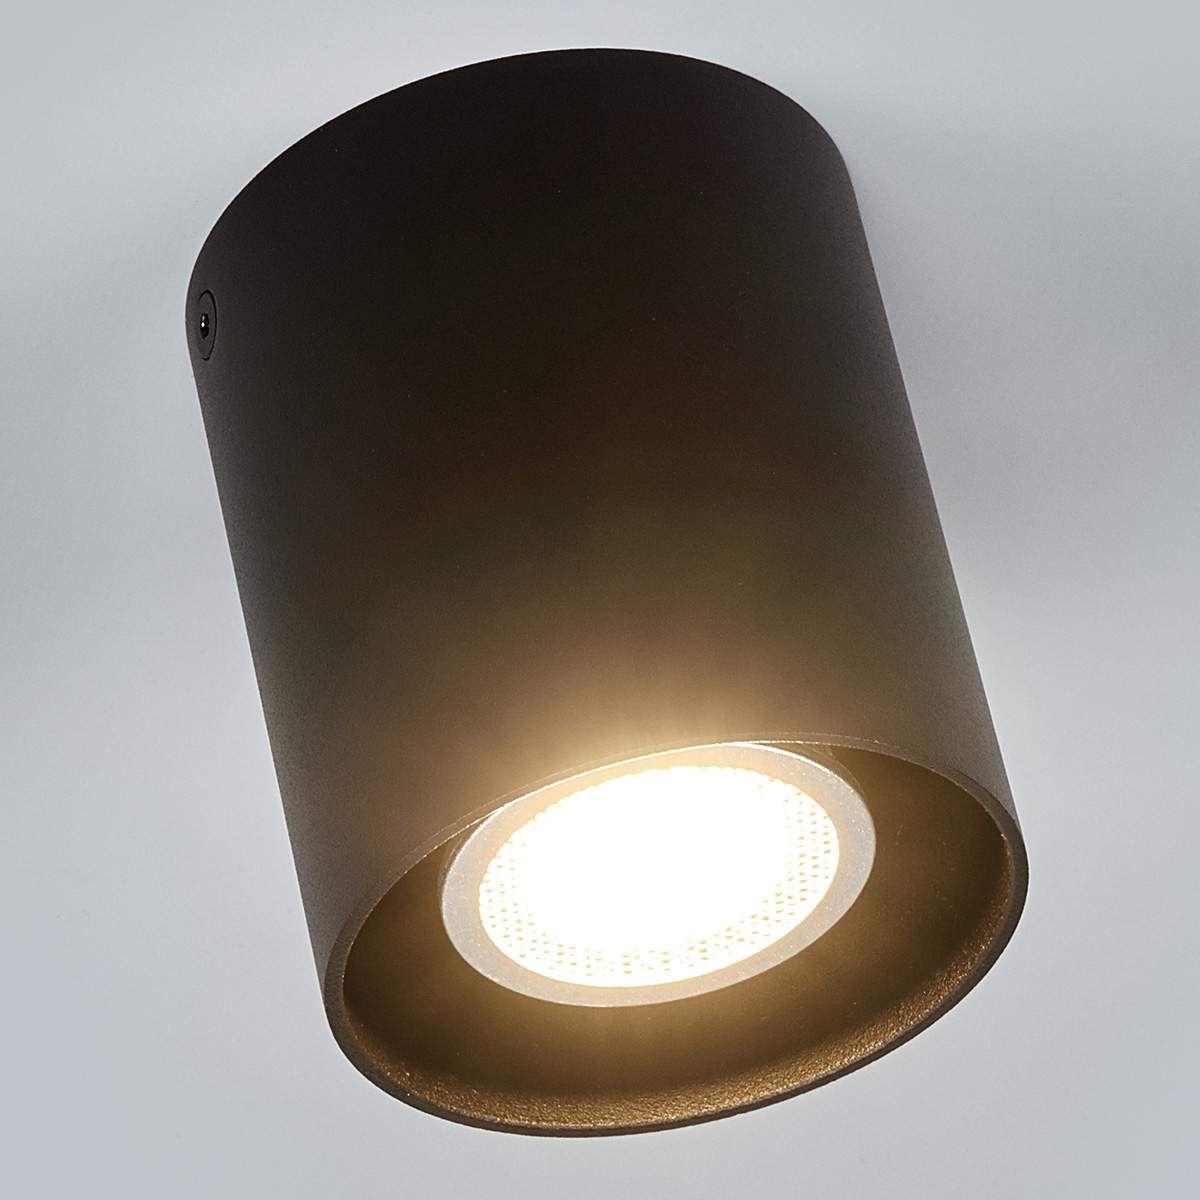 Pin Von Zinff Auf Candlelight Light Deckenlampe Deckenleuchten Leuchtstoffrohre